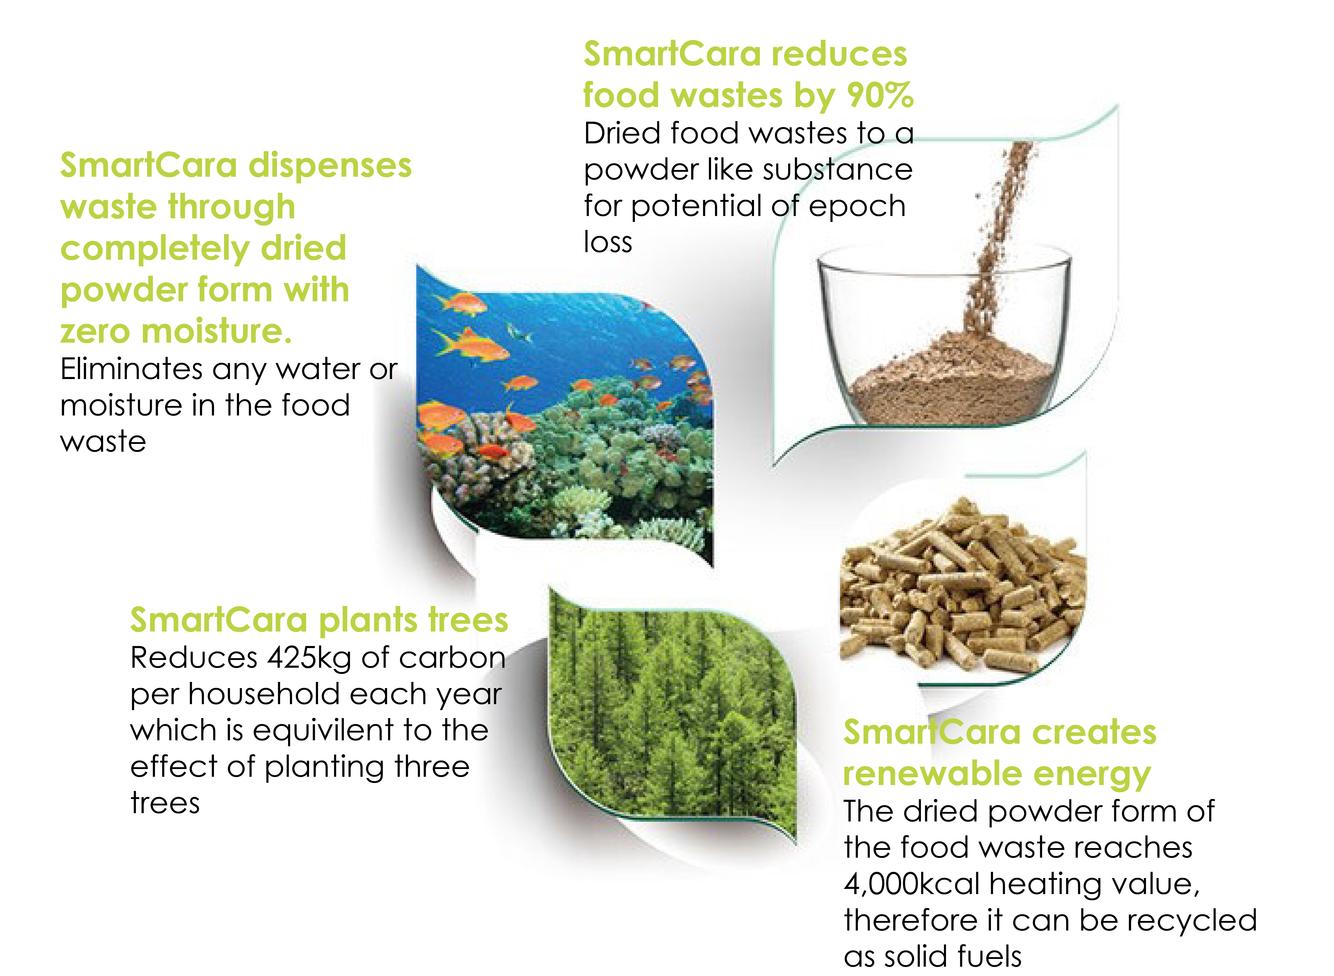 smartcara green environment